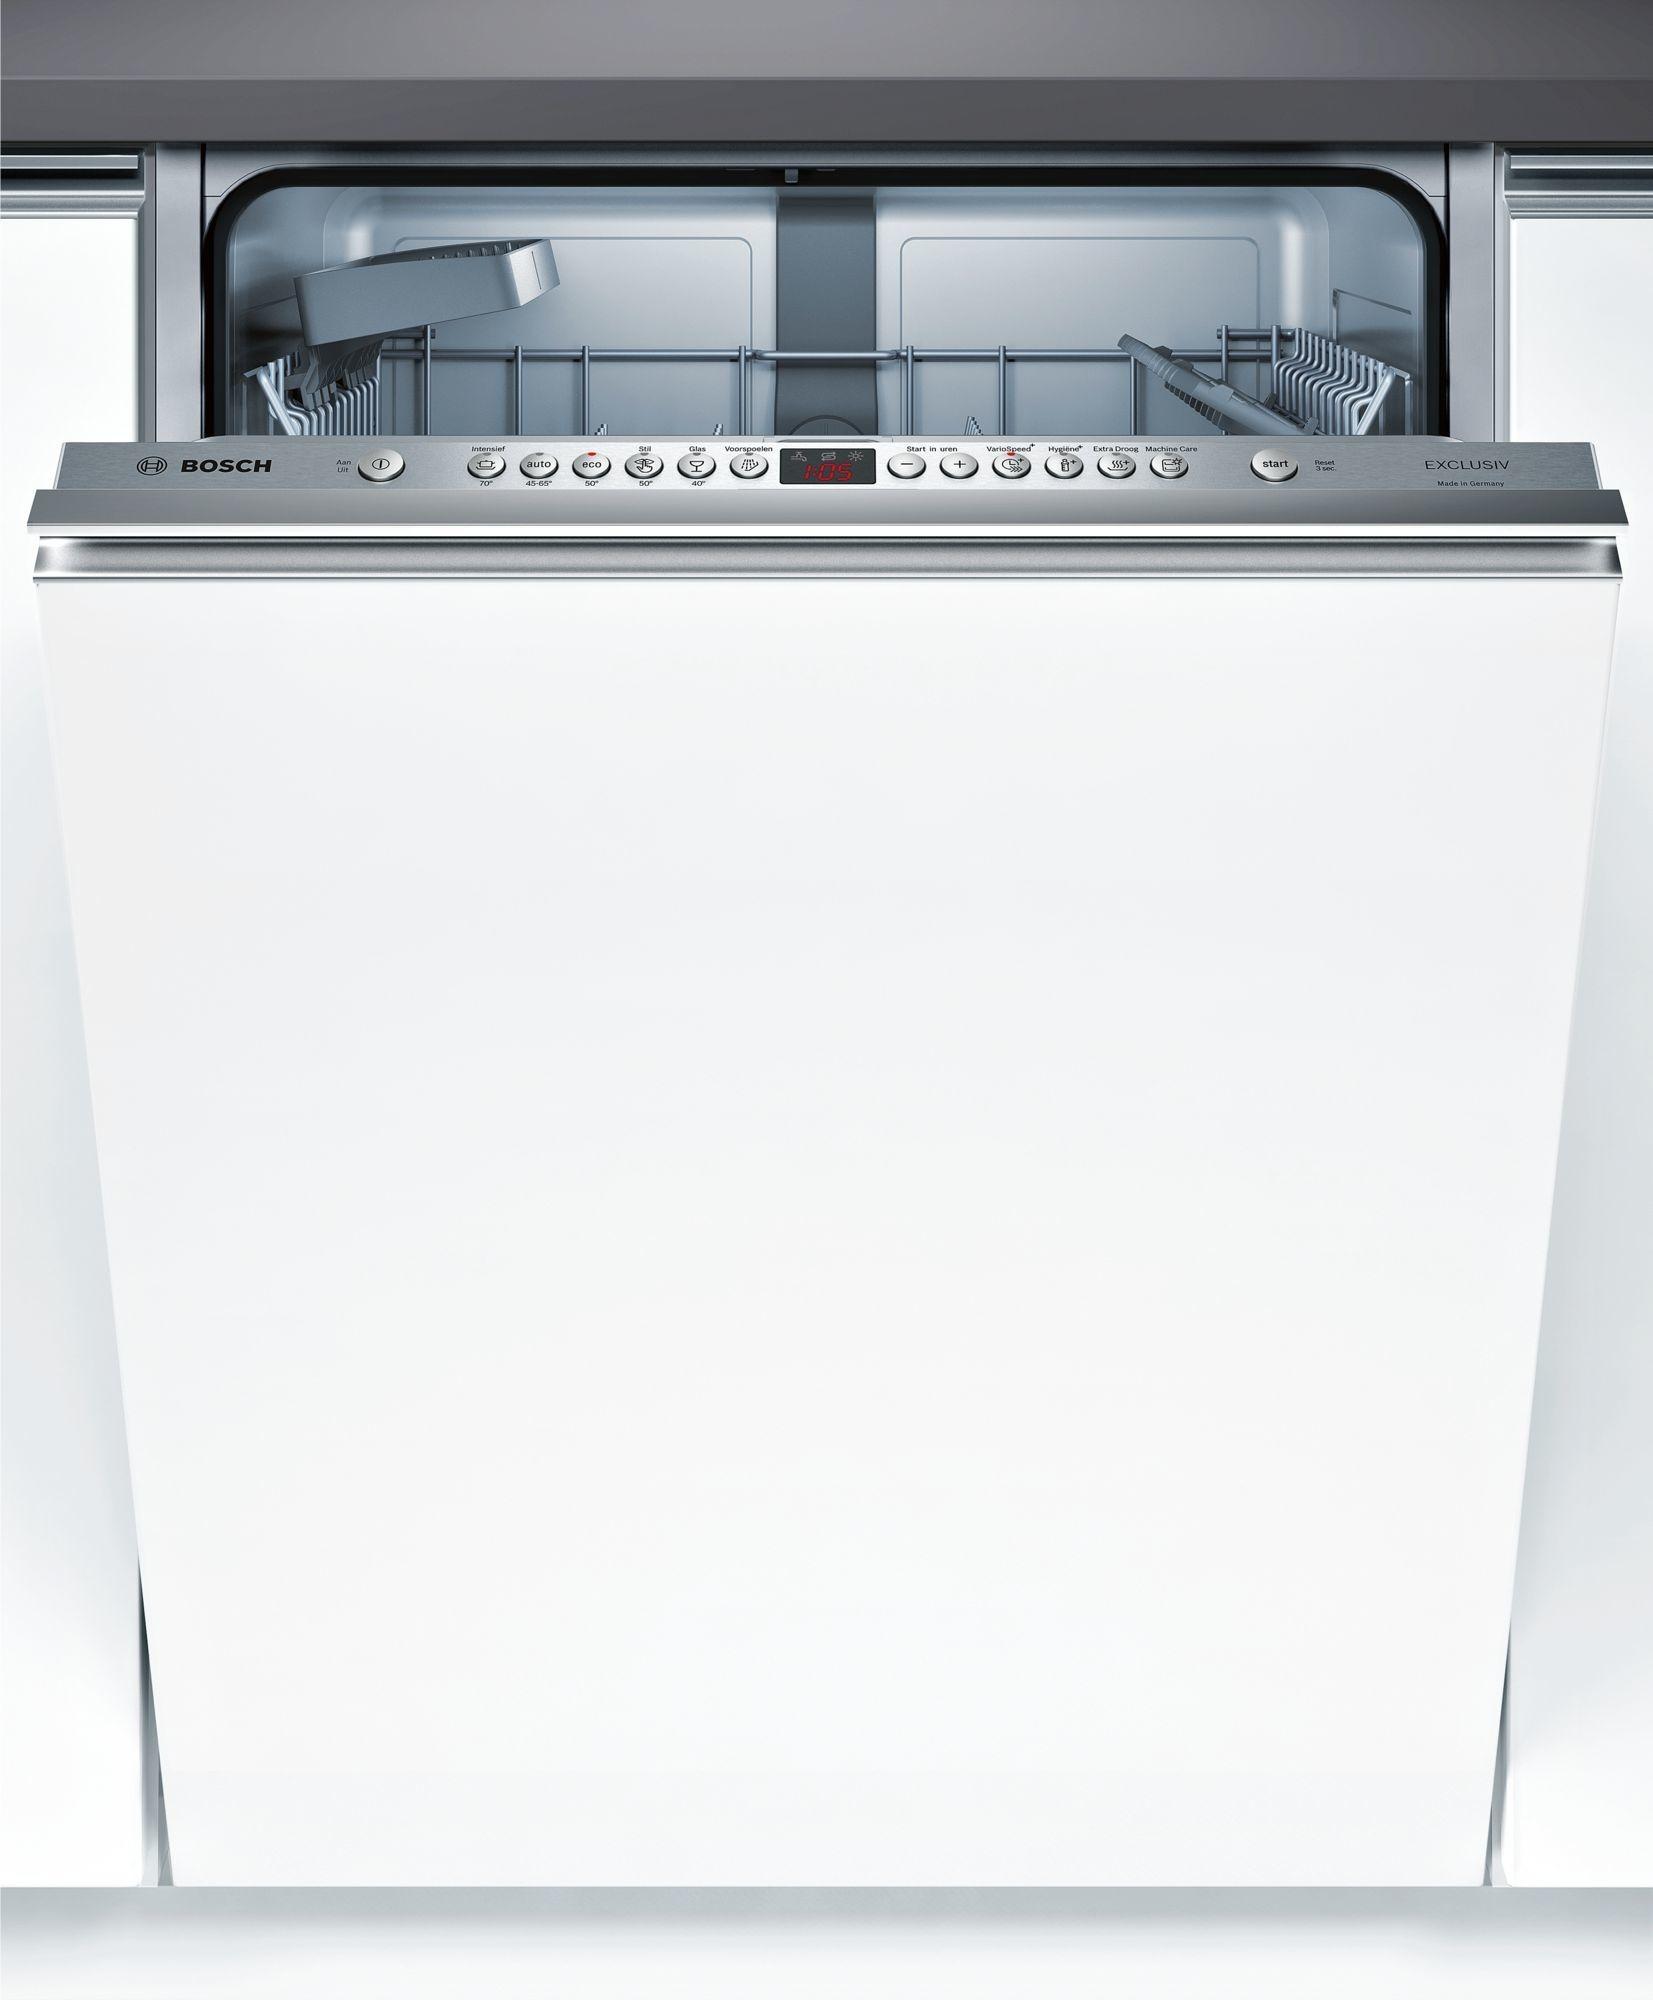 Bosch volledig ge�ntegreerde vaatwasser SBV46IX10N